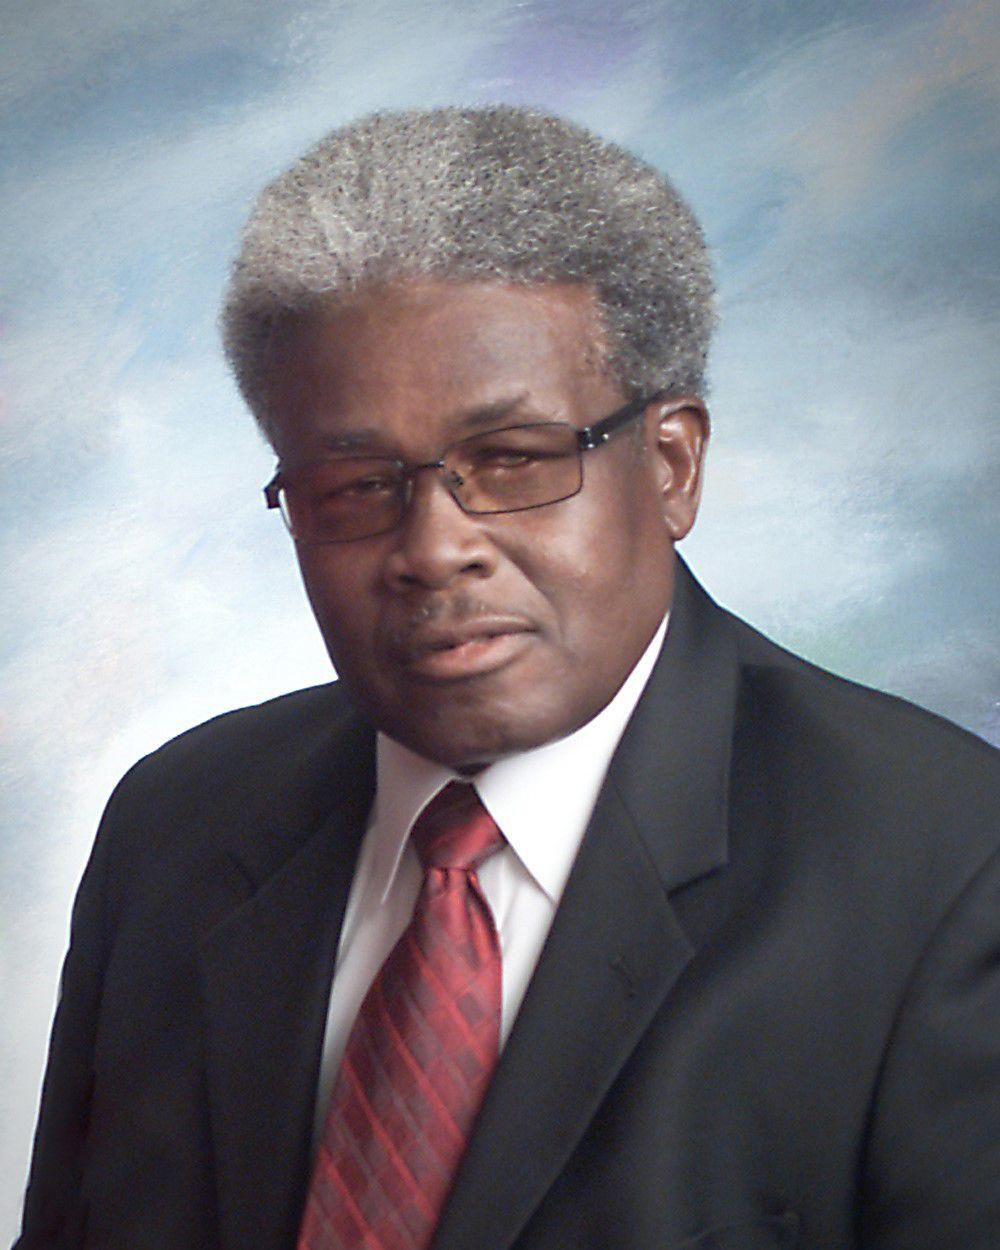 Reverend Shannon (Shawn) D. McMullen